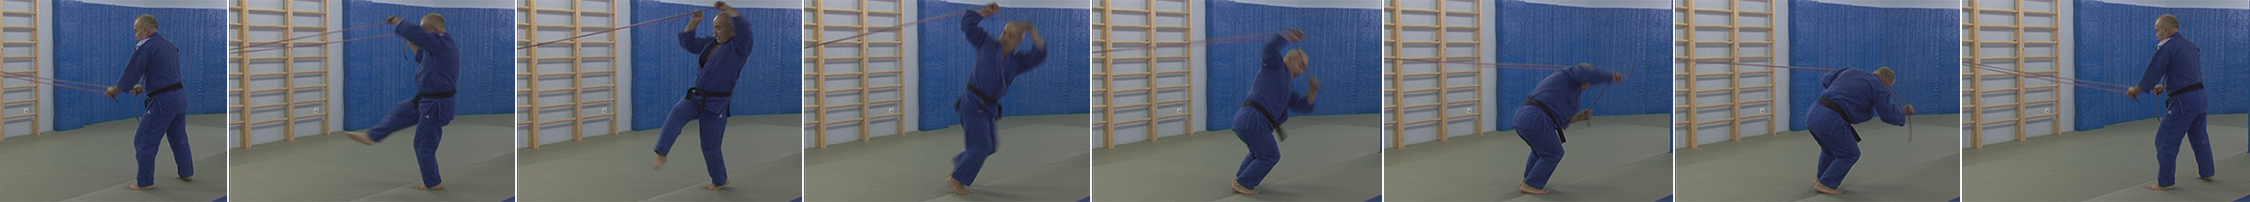 Упражнения с резиновым эспандером. Бросок через спину - morote-seoi-nage.